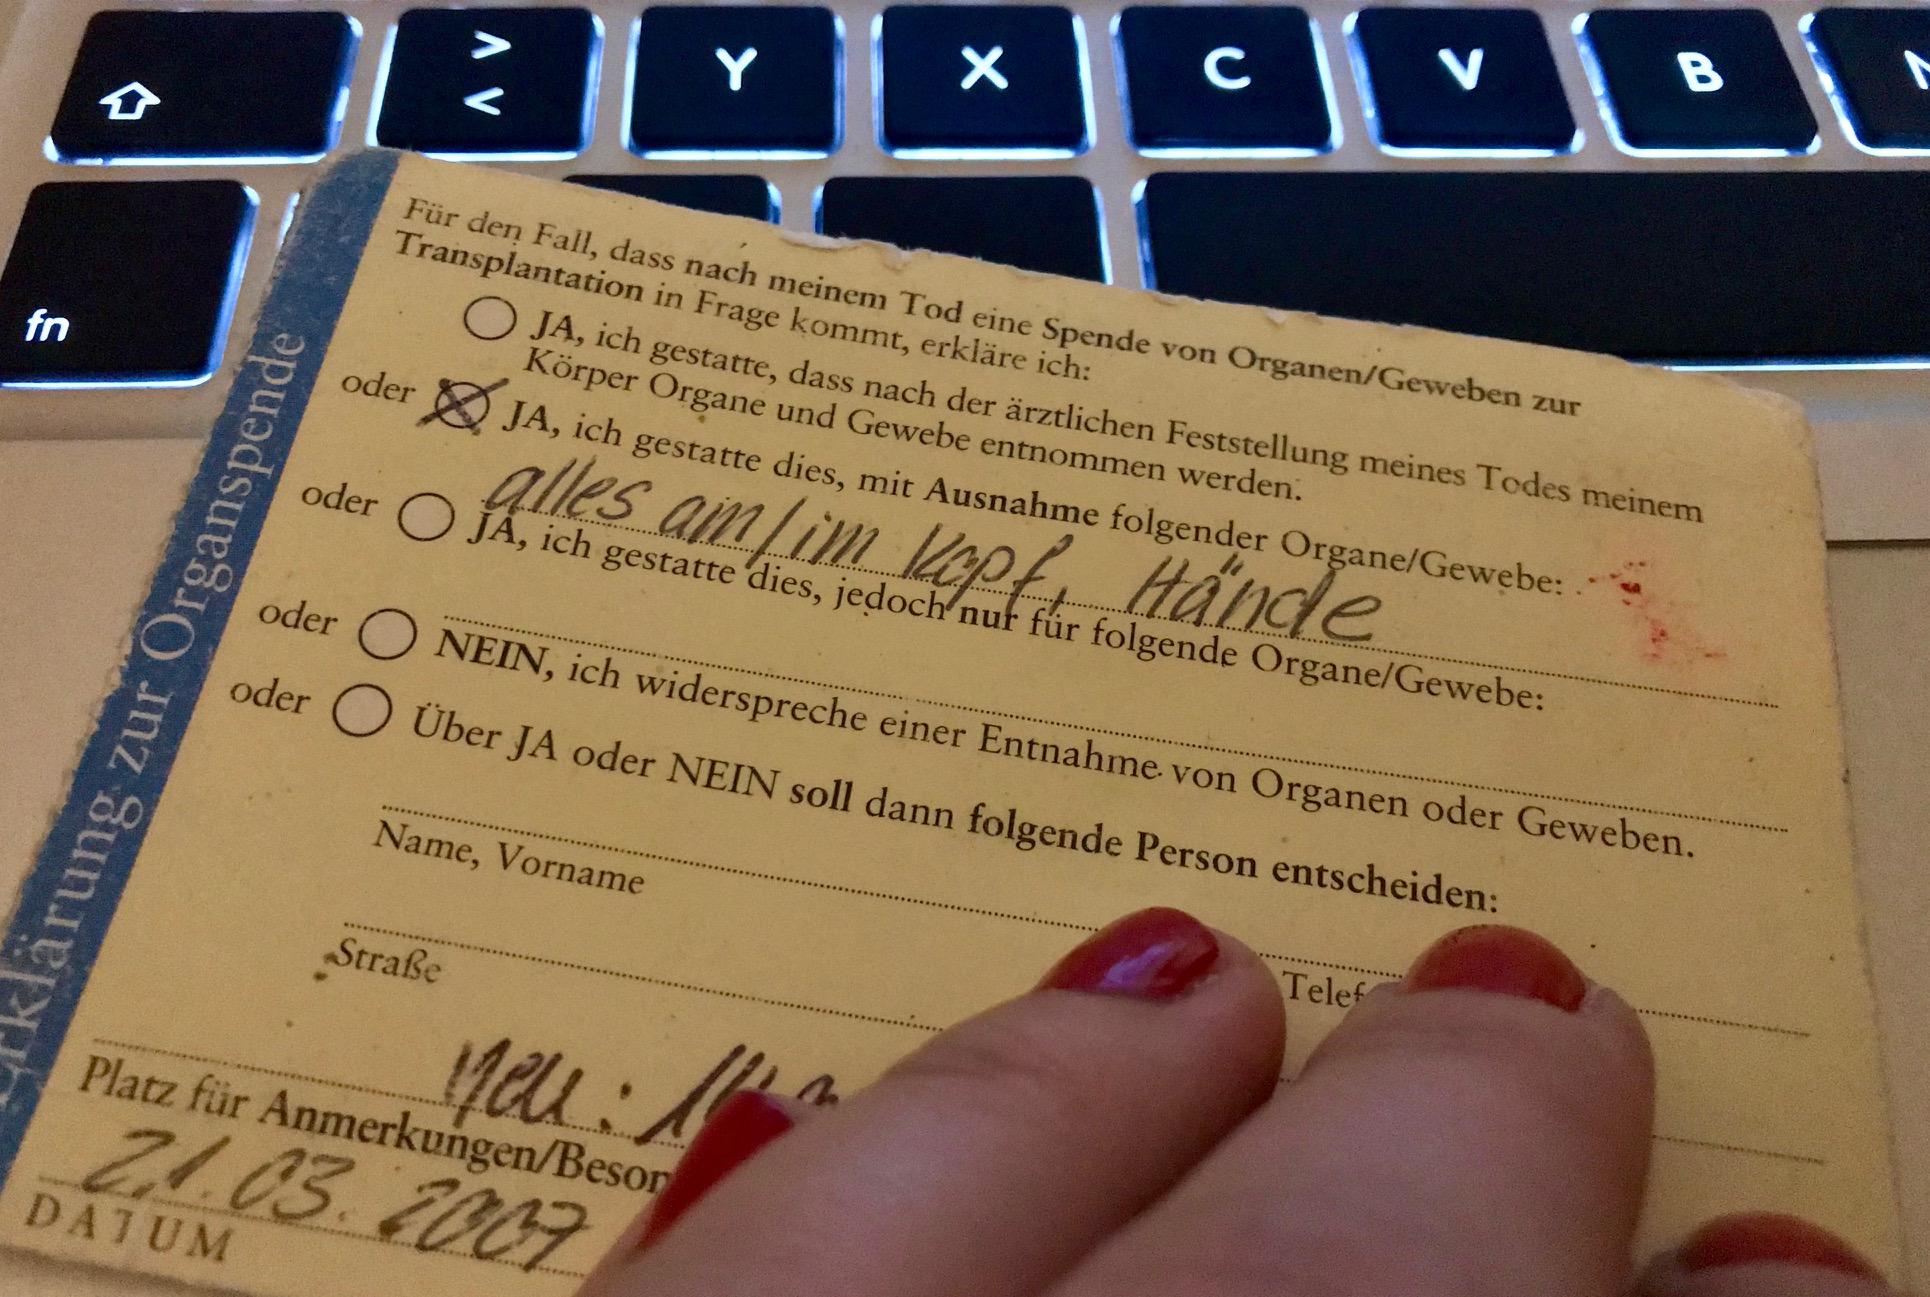 Warum ich nach 11 Jahren einen neuen Organspendeausweis ausfülle